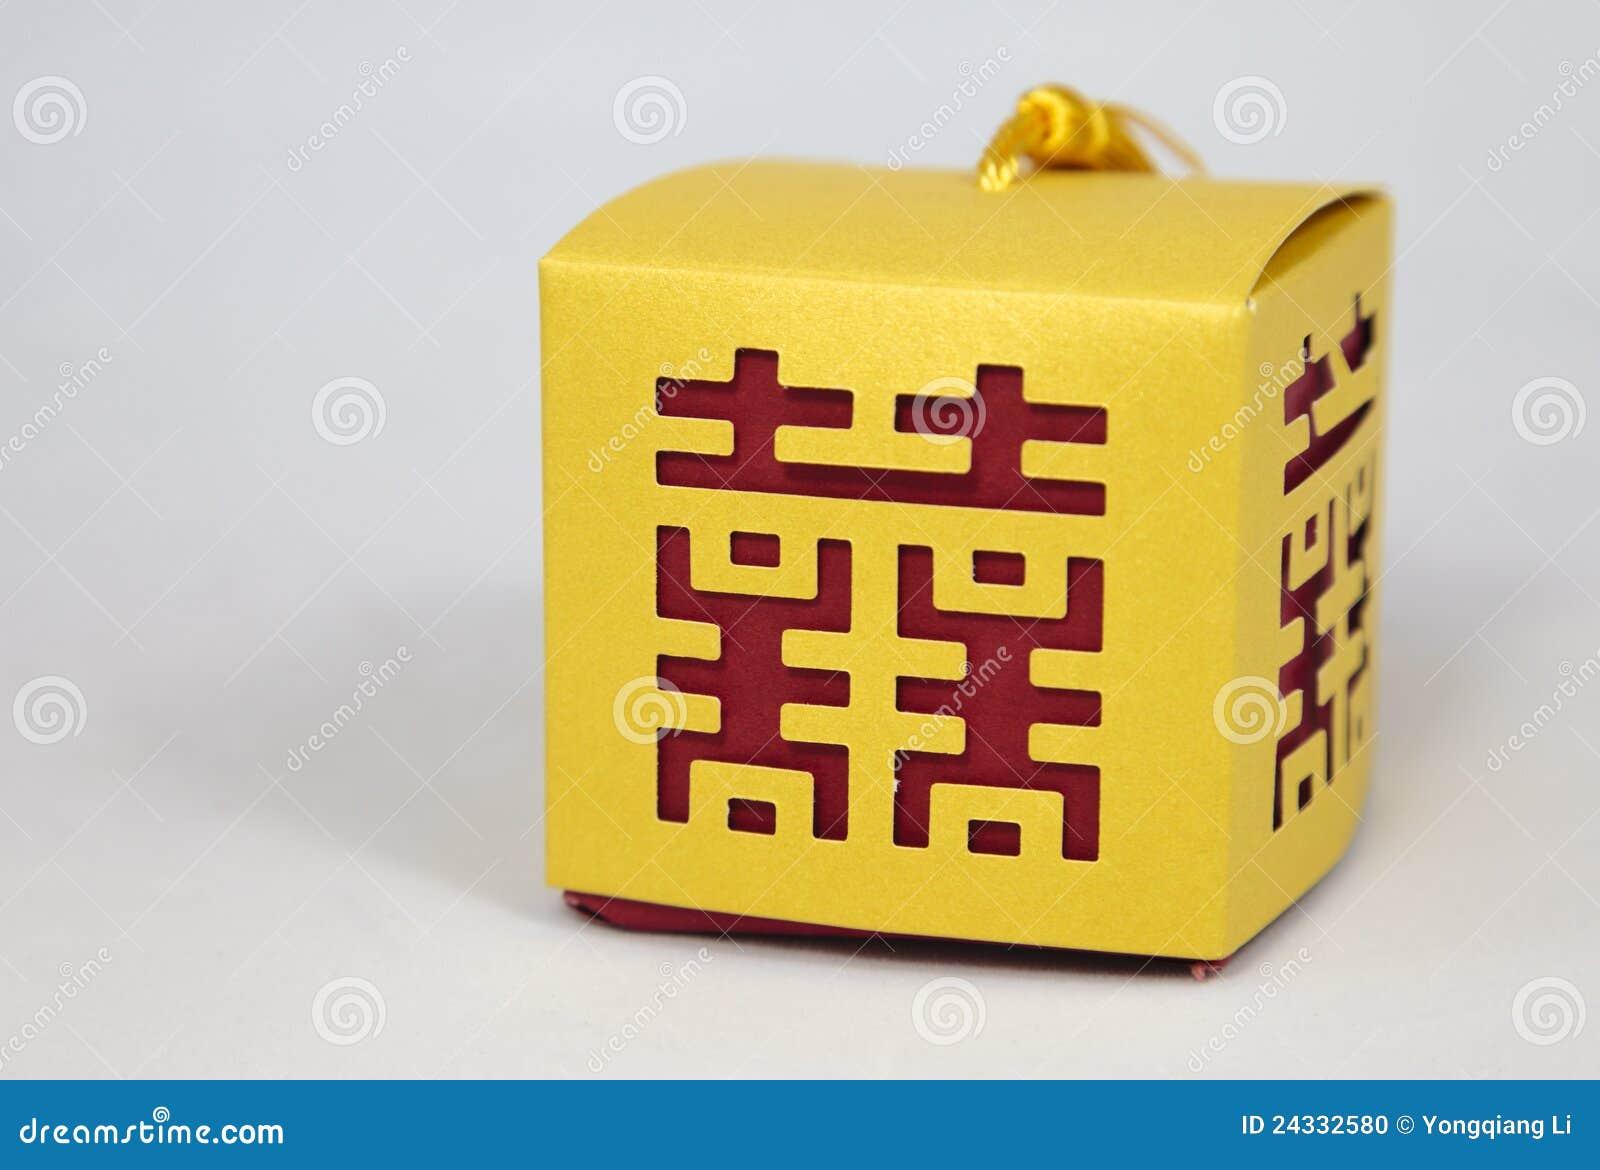 Boksuje chińskiego szczęścia małżeństwa symbol